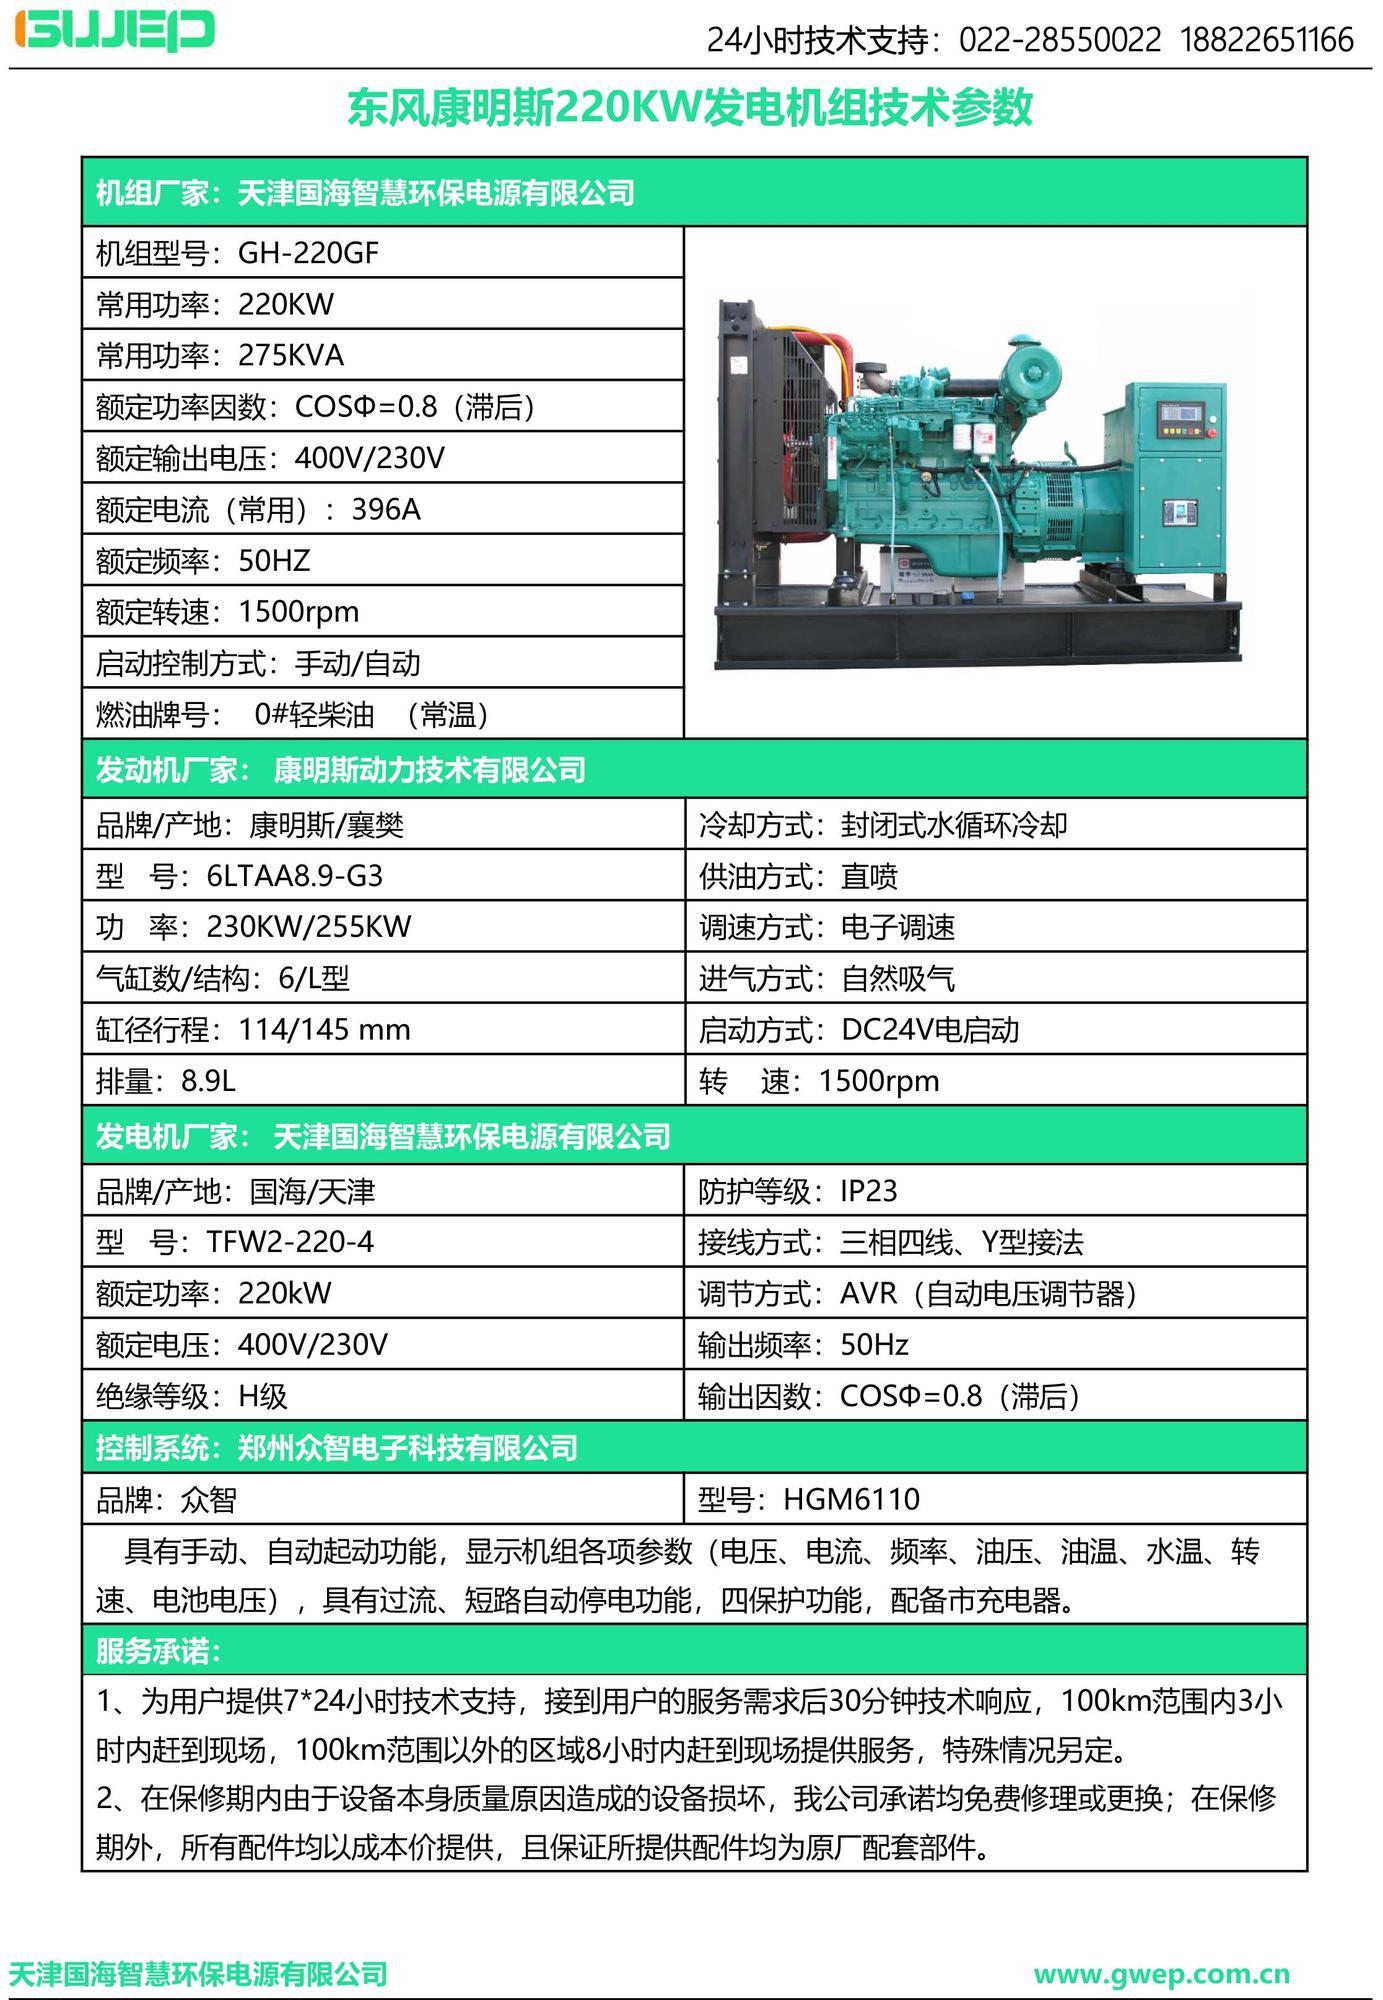 康明斯220KW發電機組技術資料-2.jpg